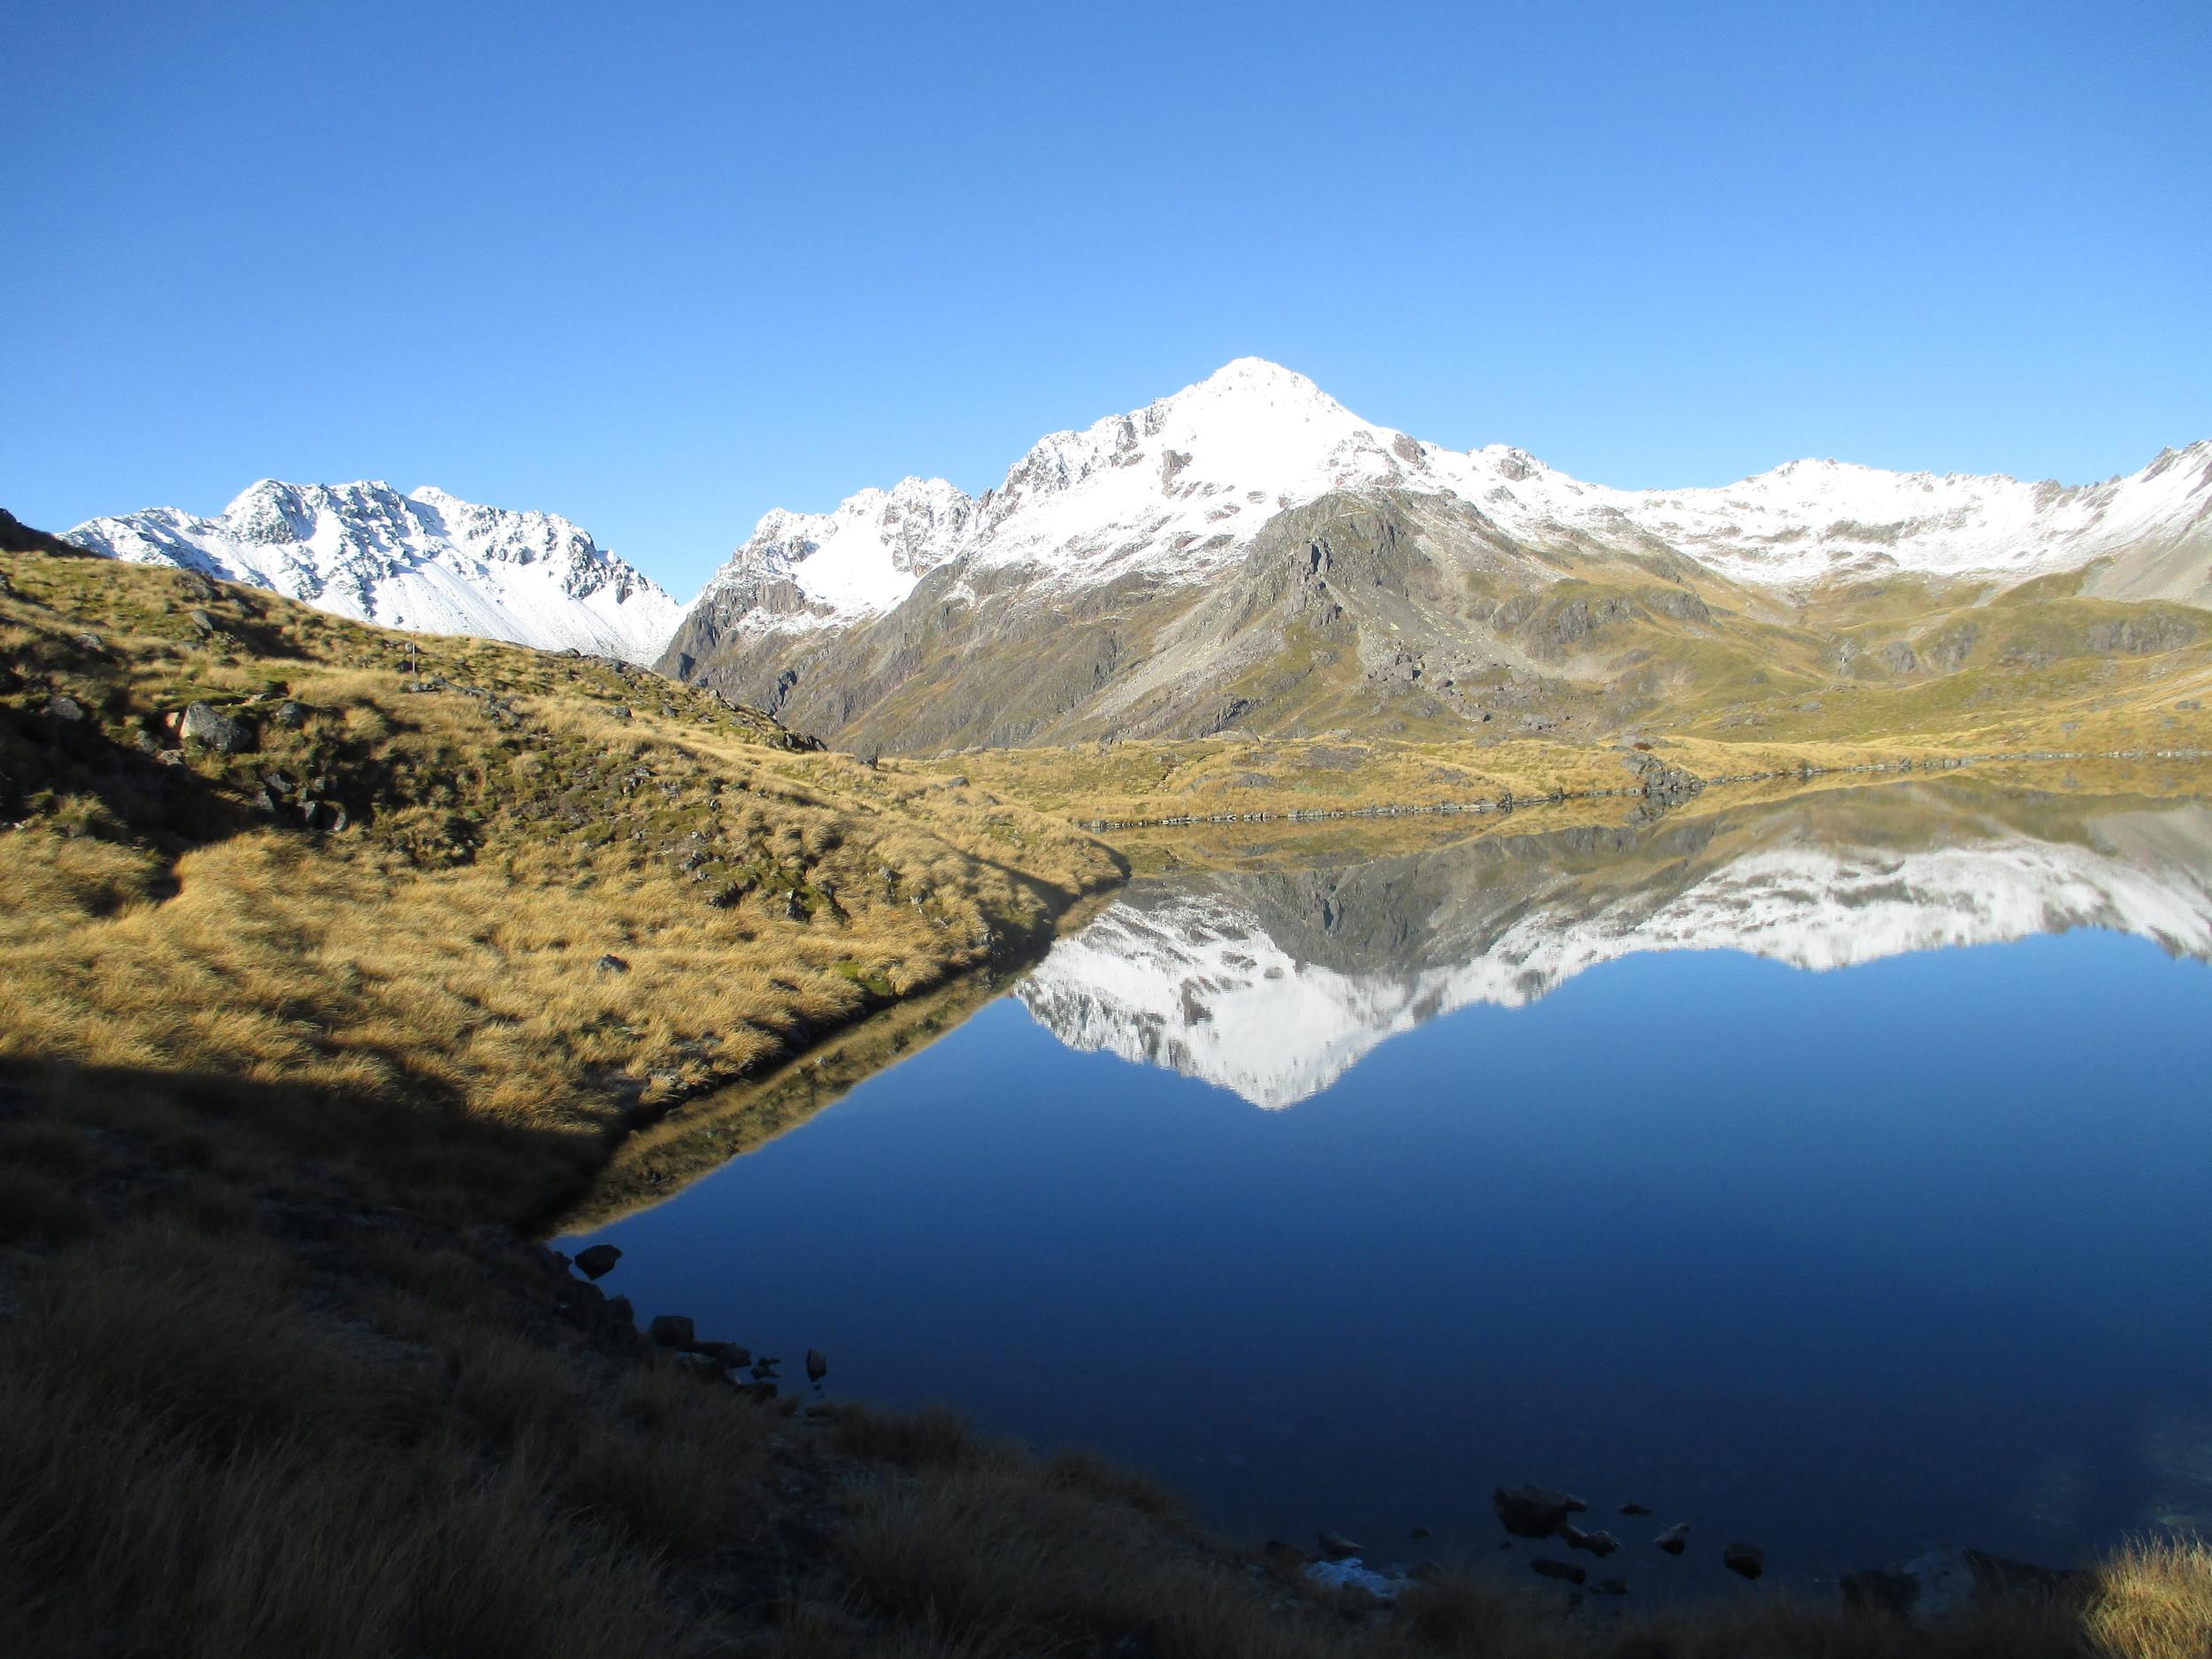 Angelus ridge and Mount Angelus from Lake Angelus in May